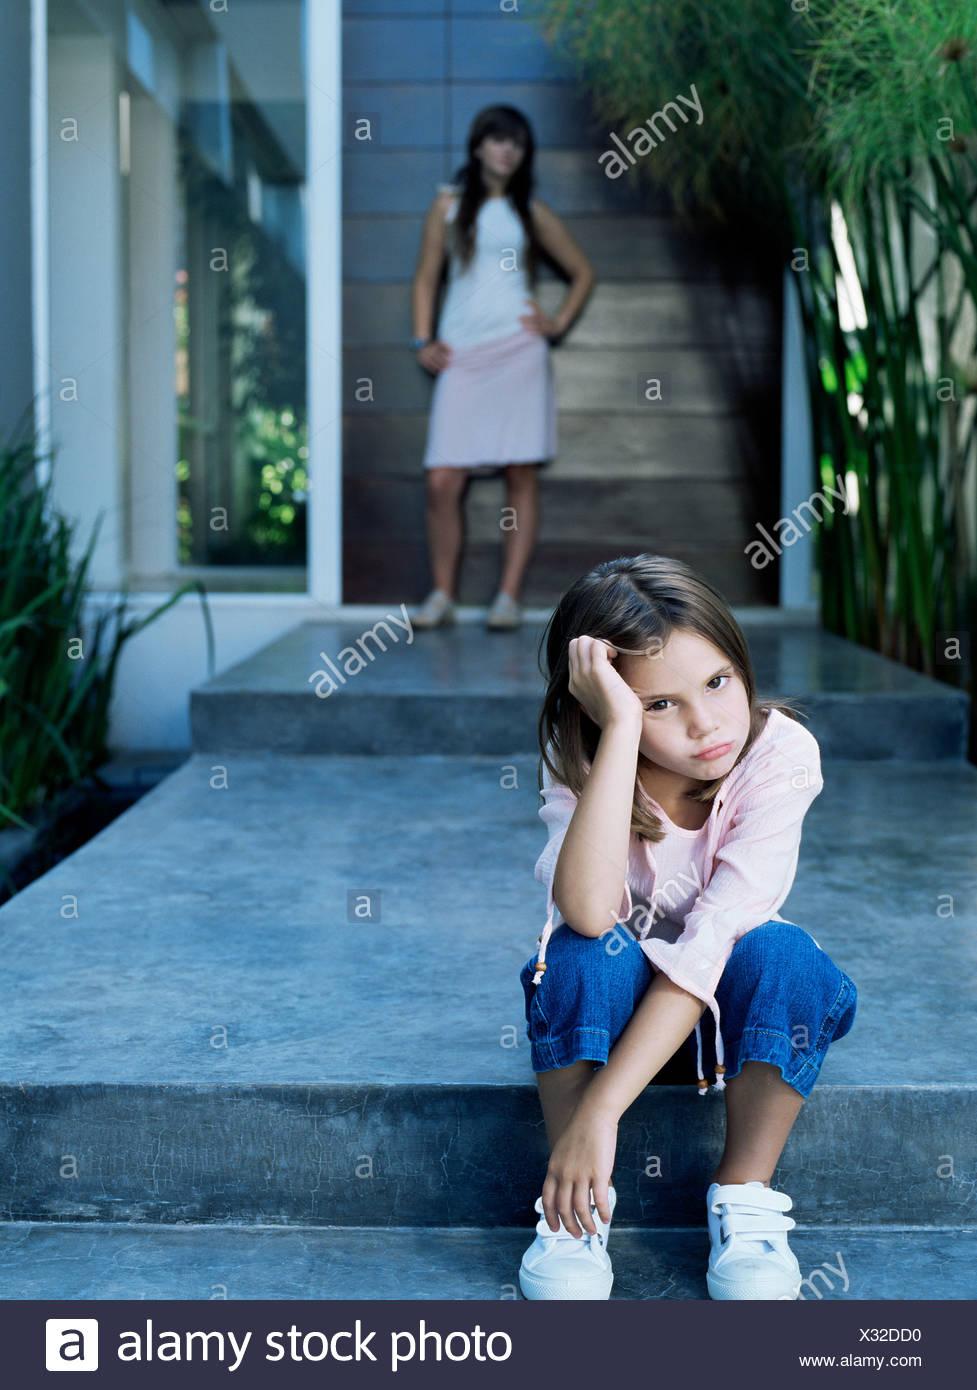 Girl looking sullen - Stock Image